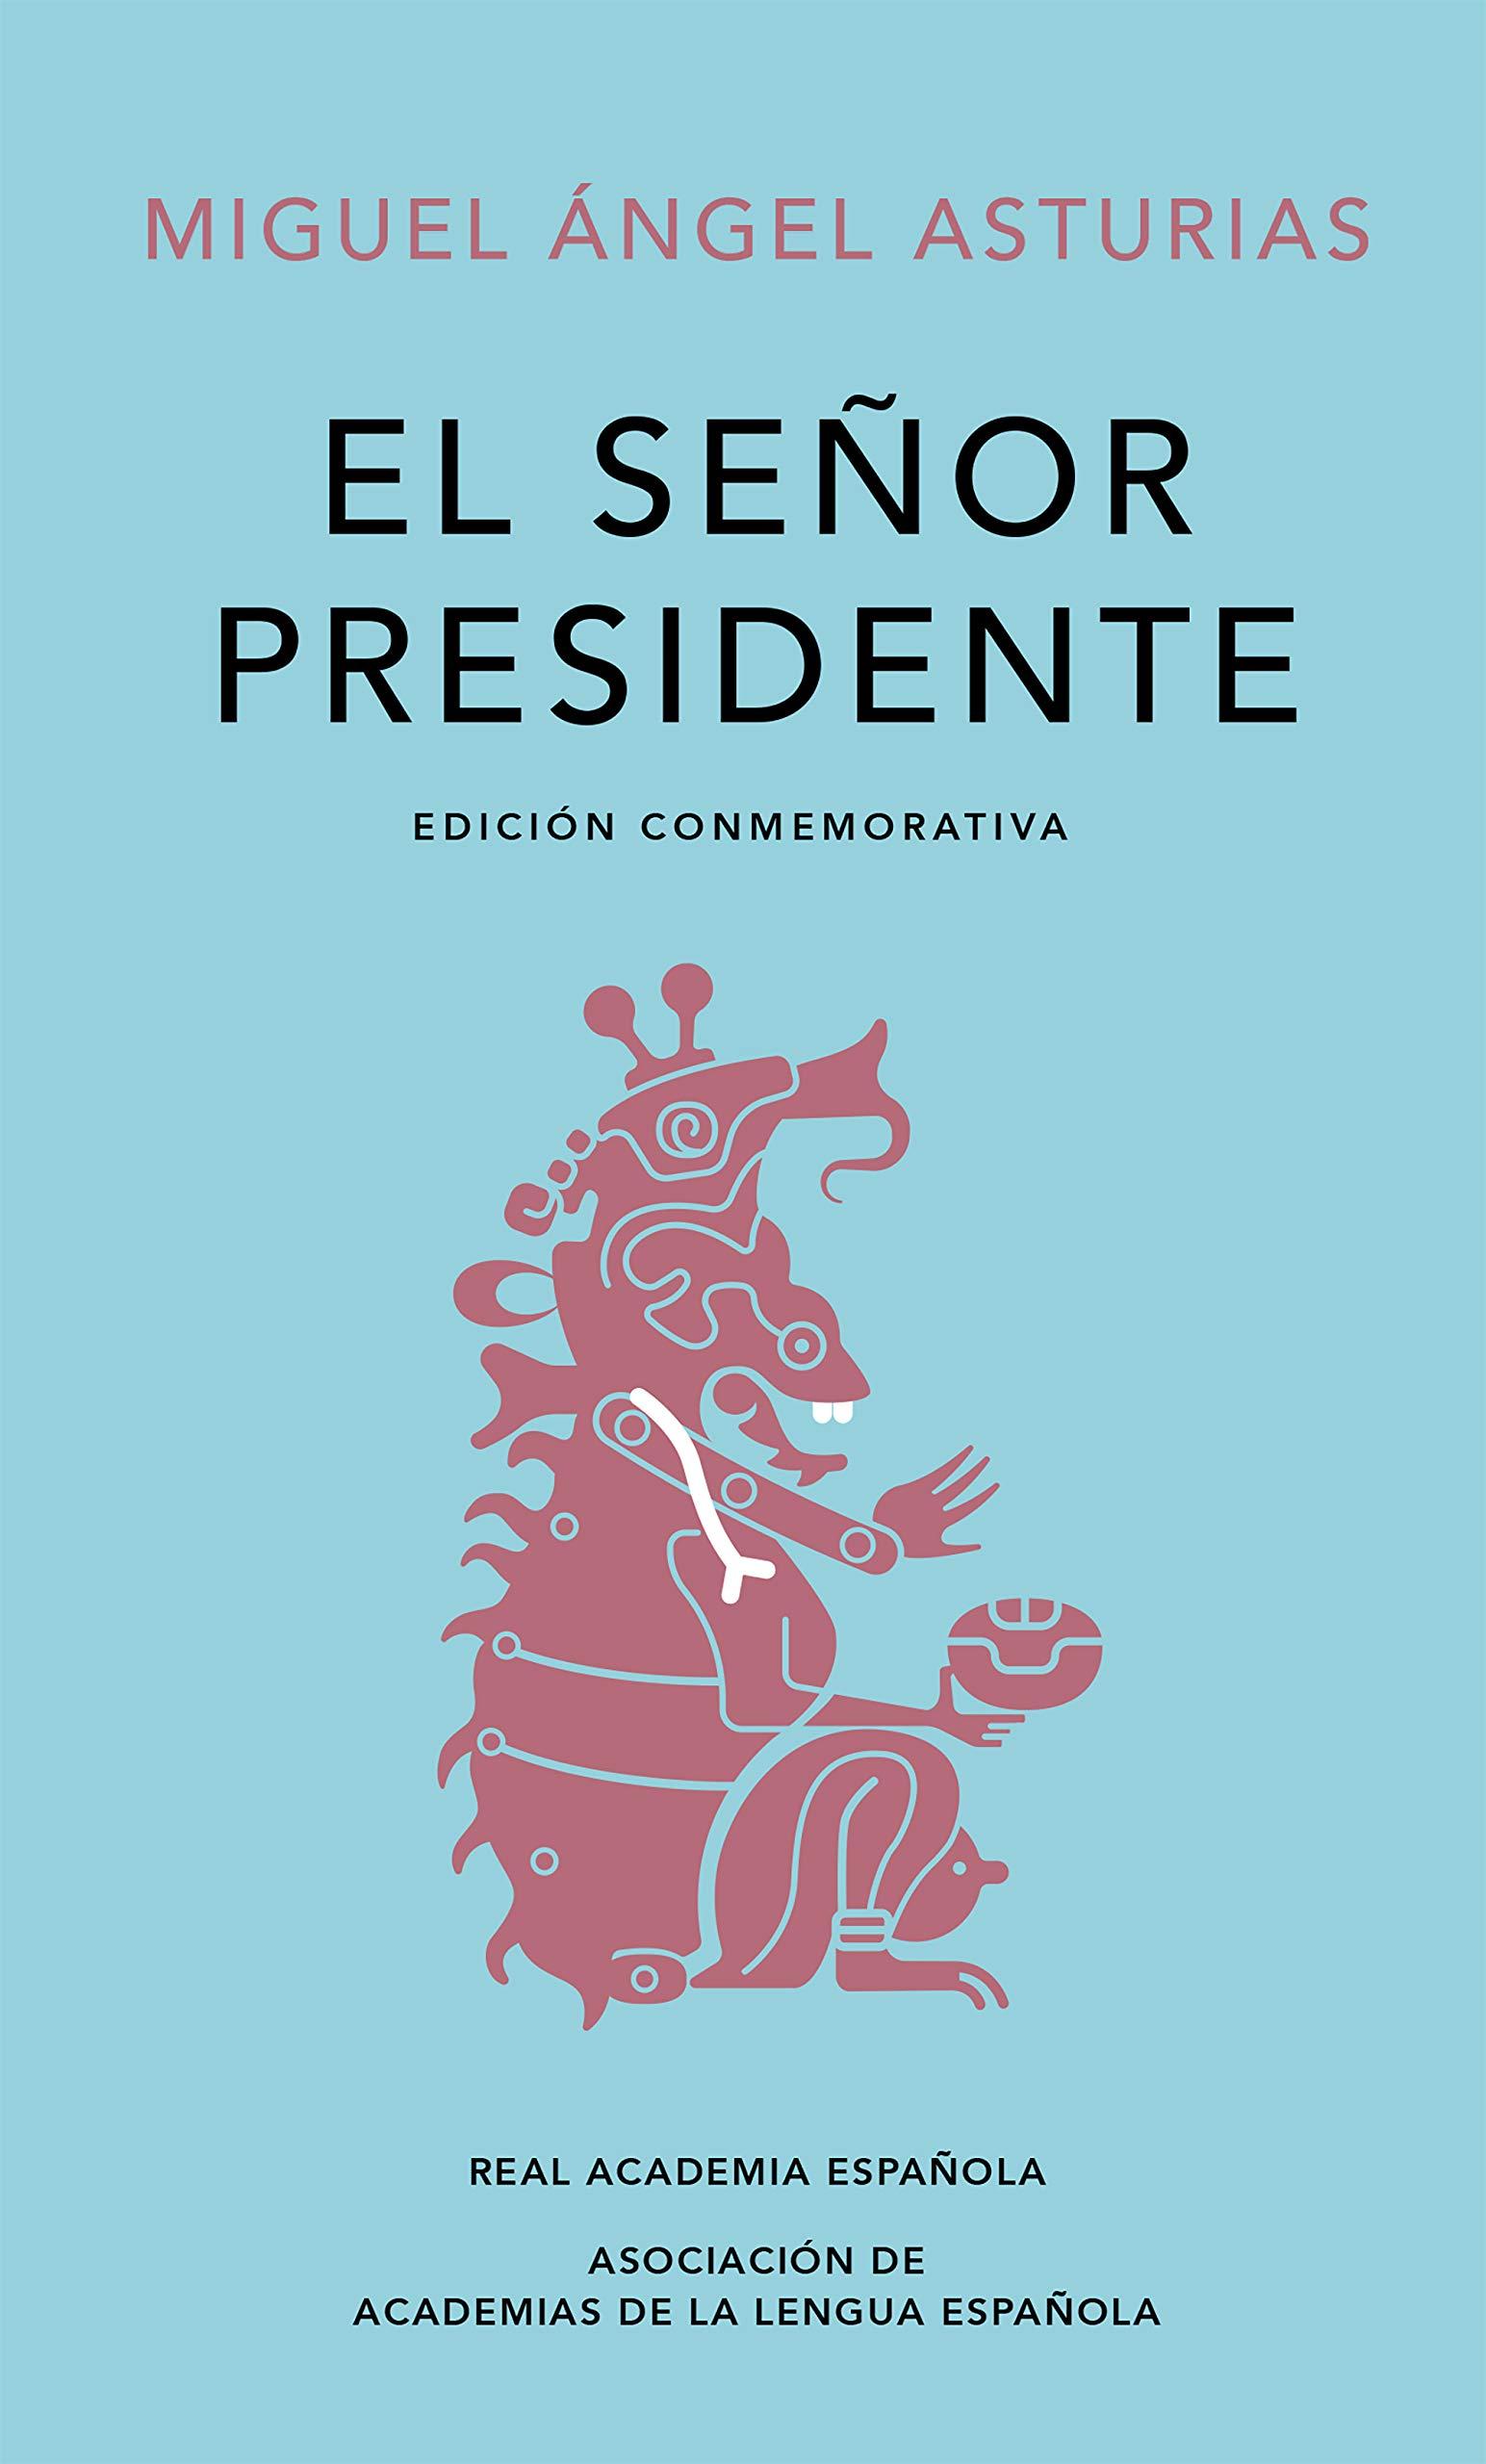 El Señor Presidente, de Miguel Ángel Asturias